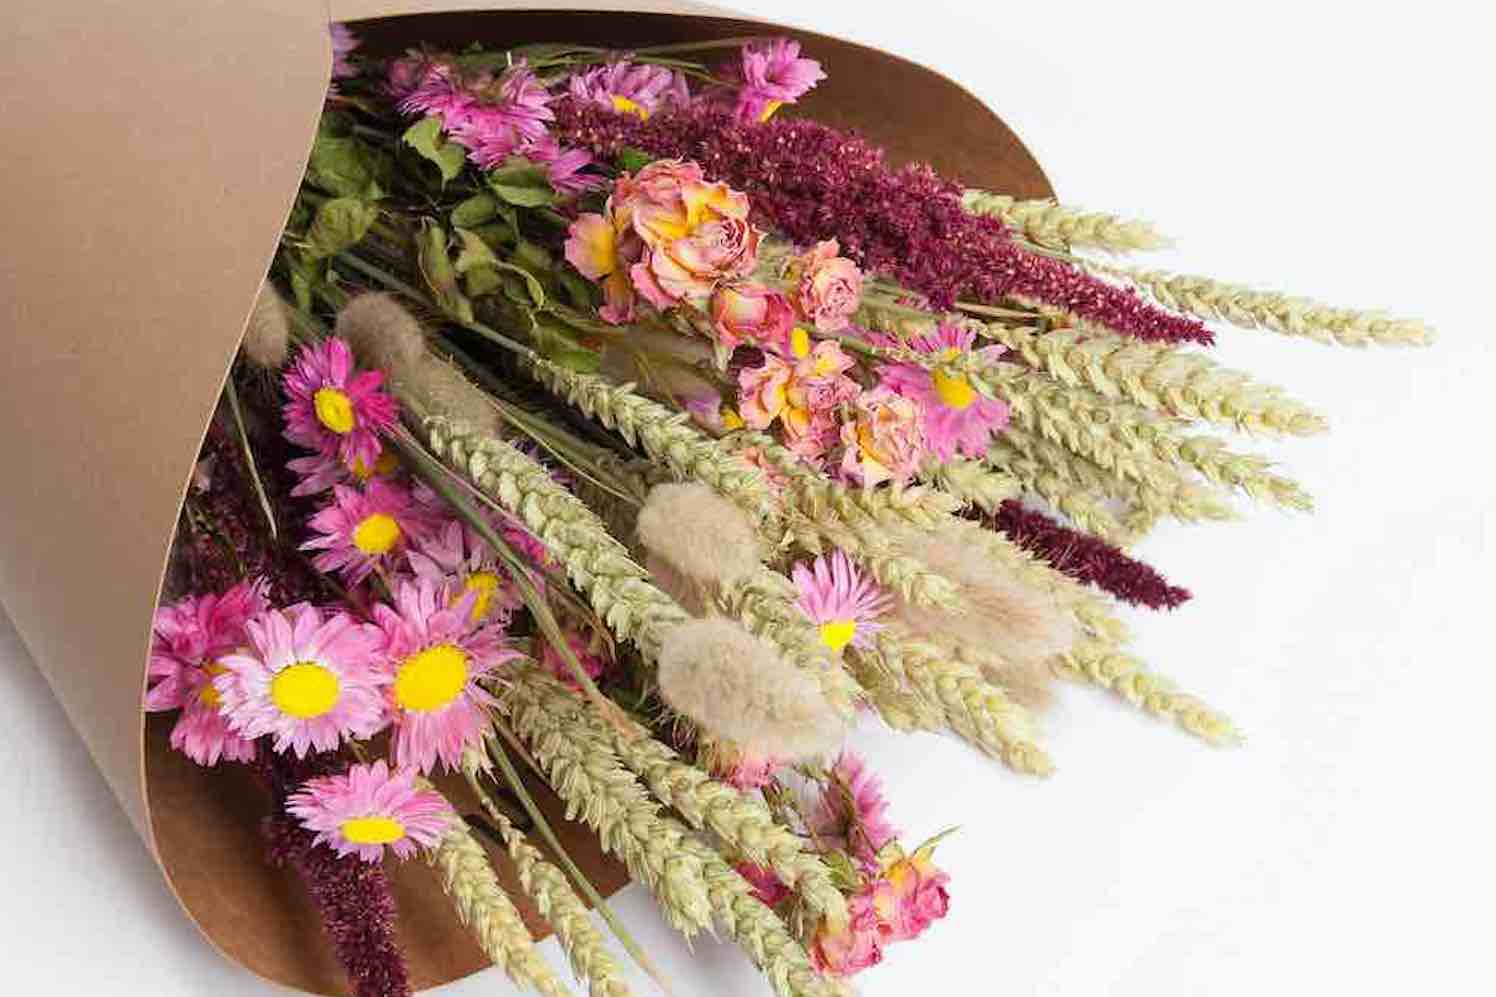 duurzame droogbloemen